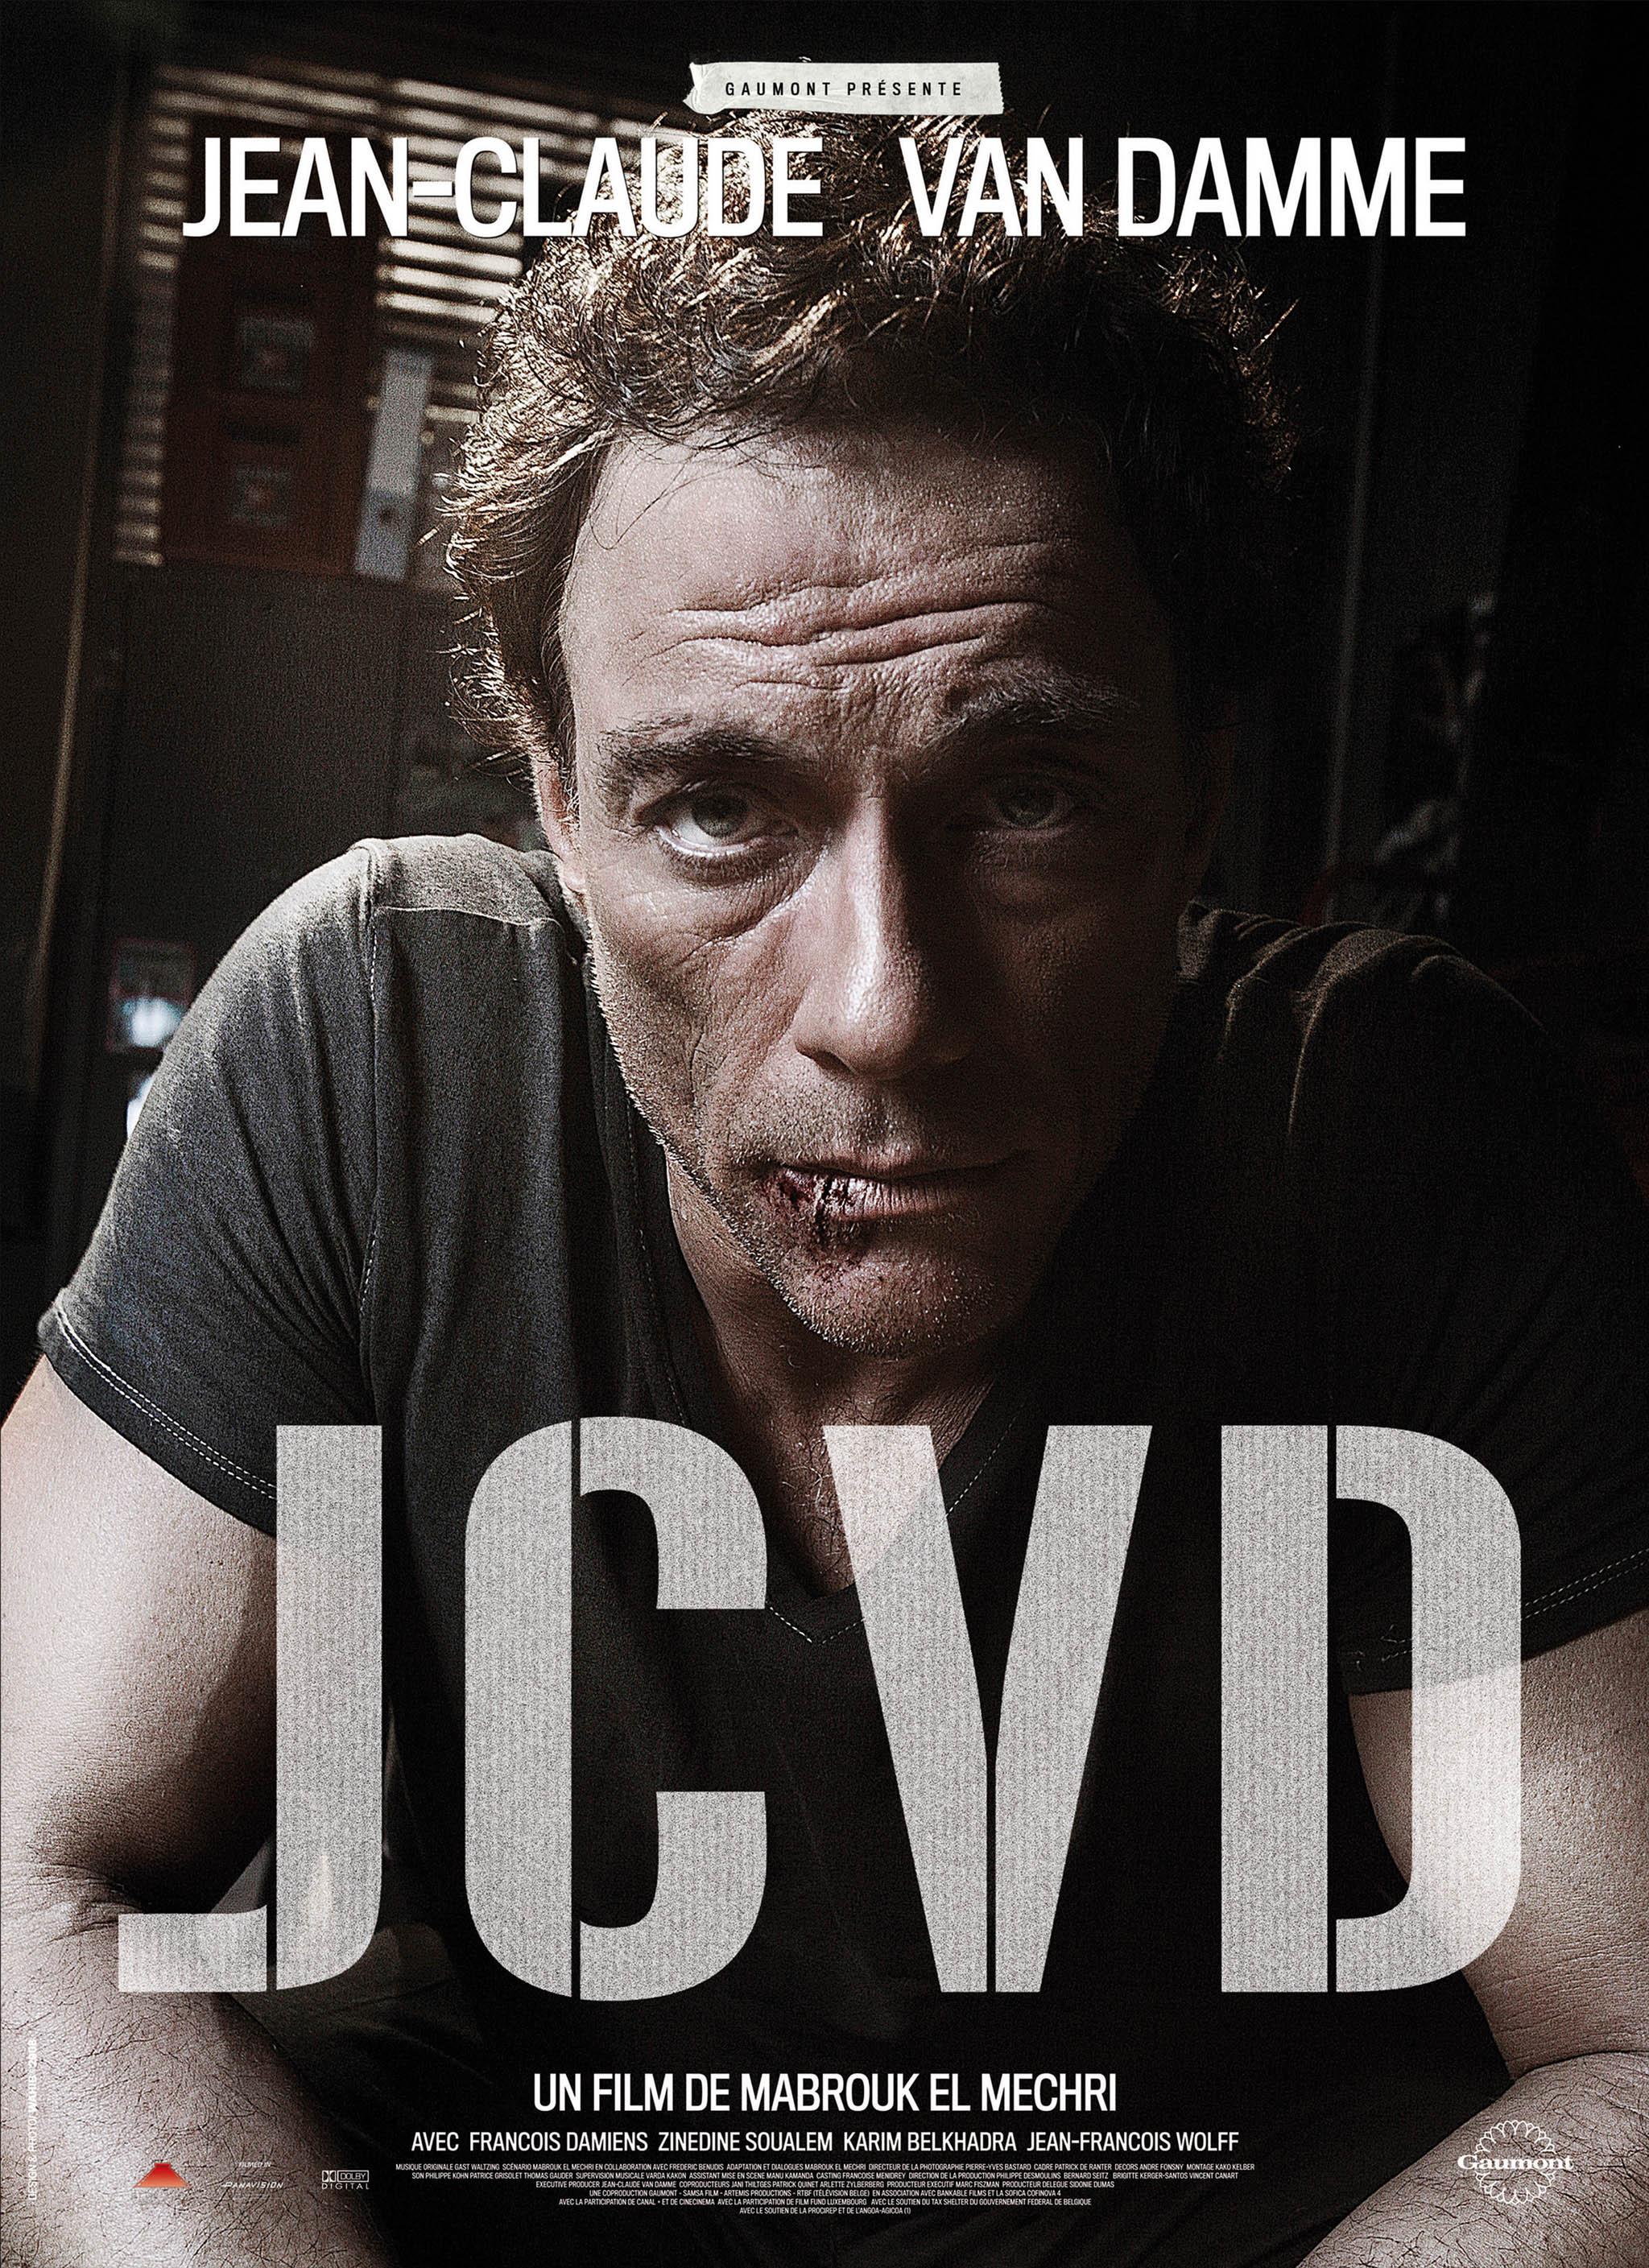 Filme Mit Jean Claude Van Damme